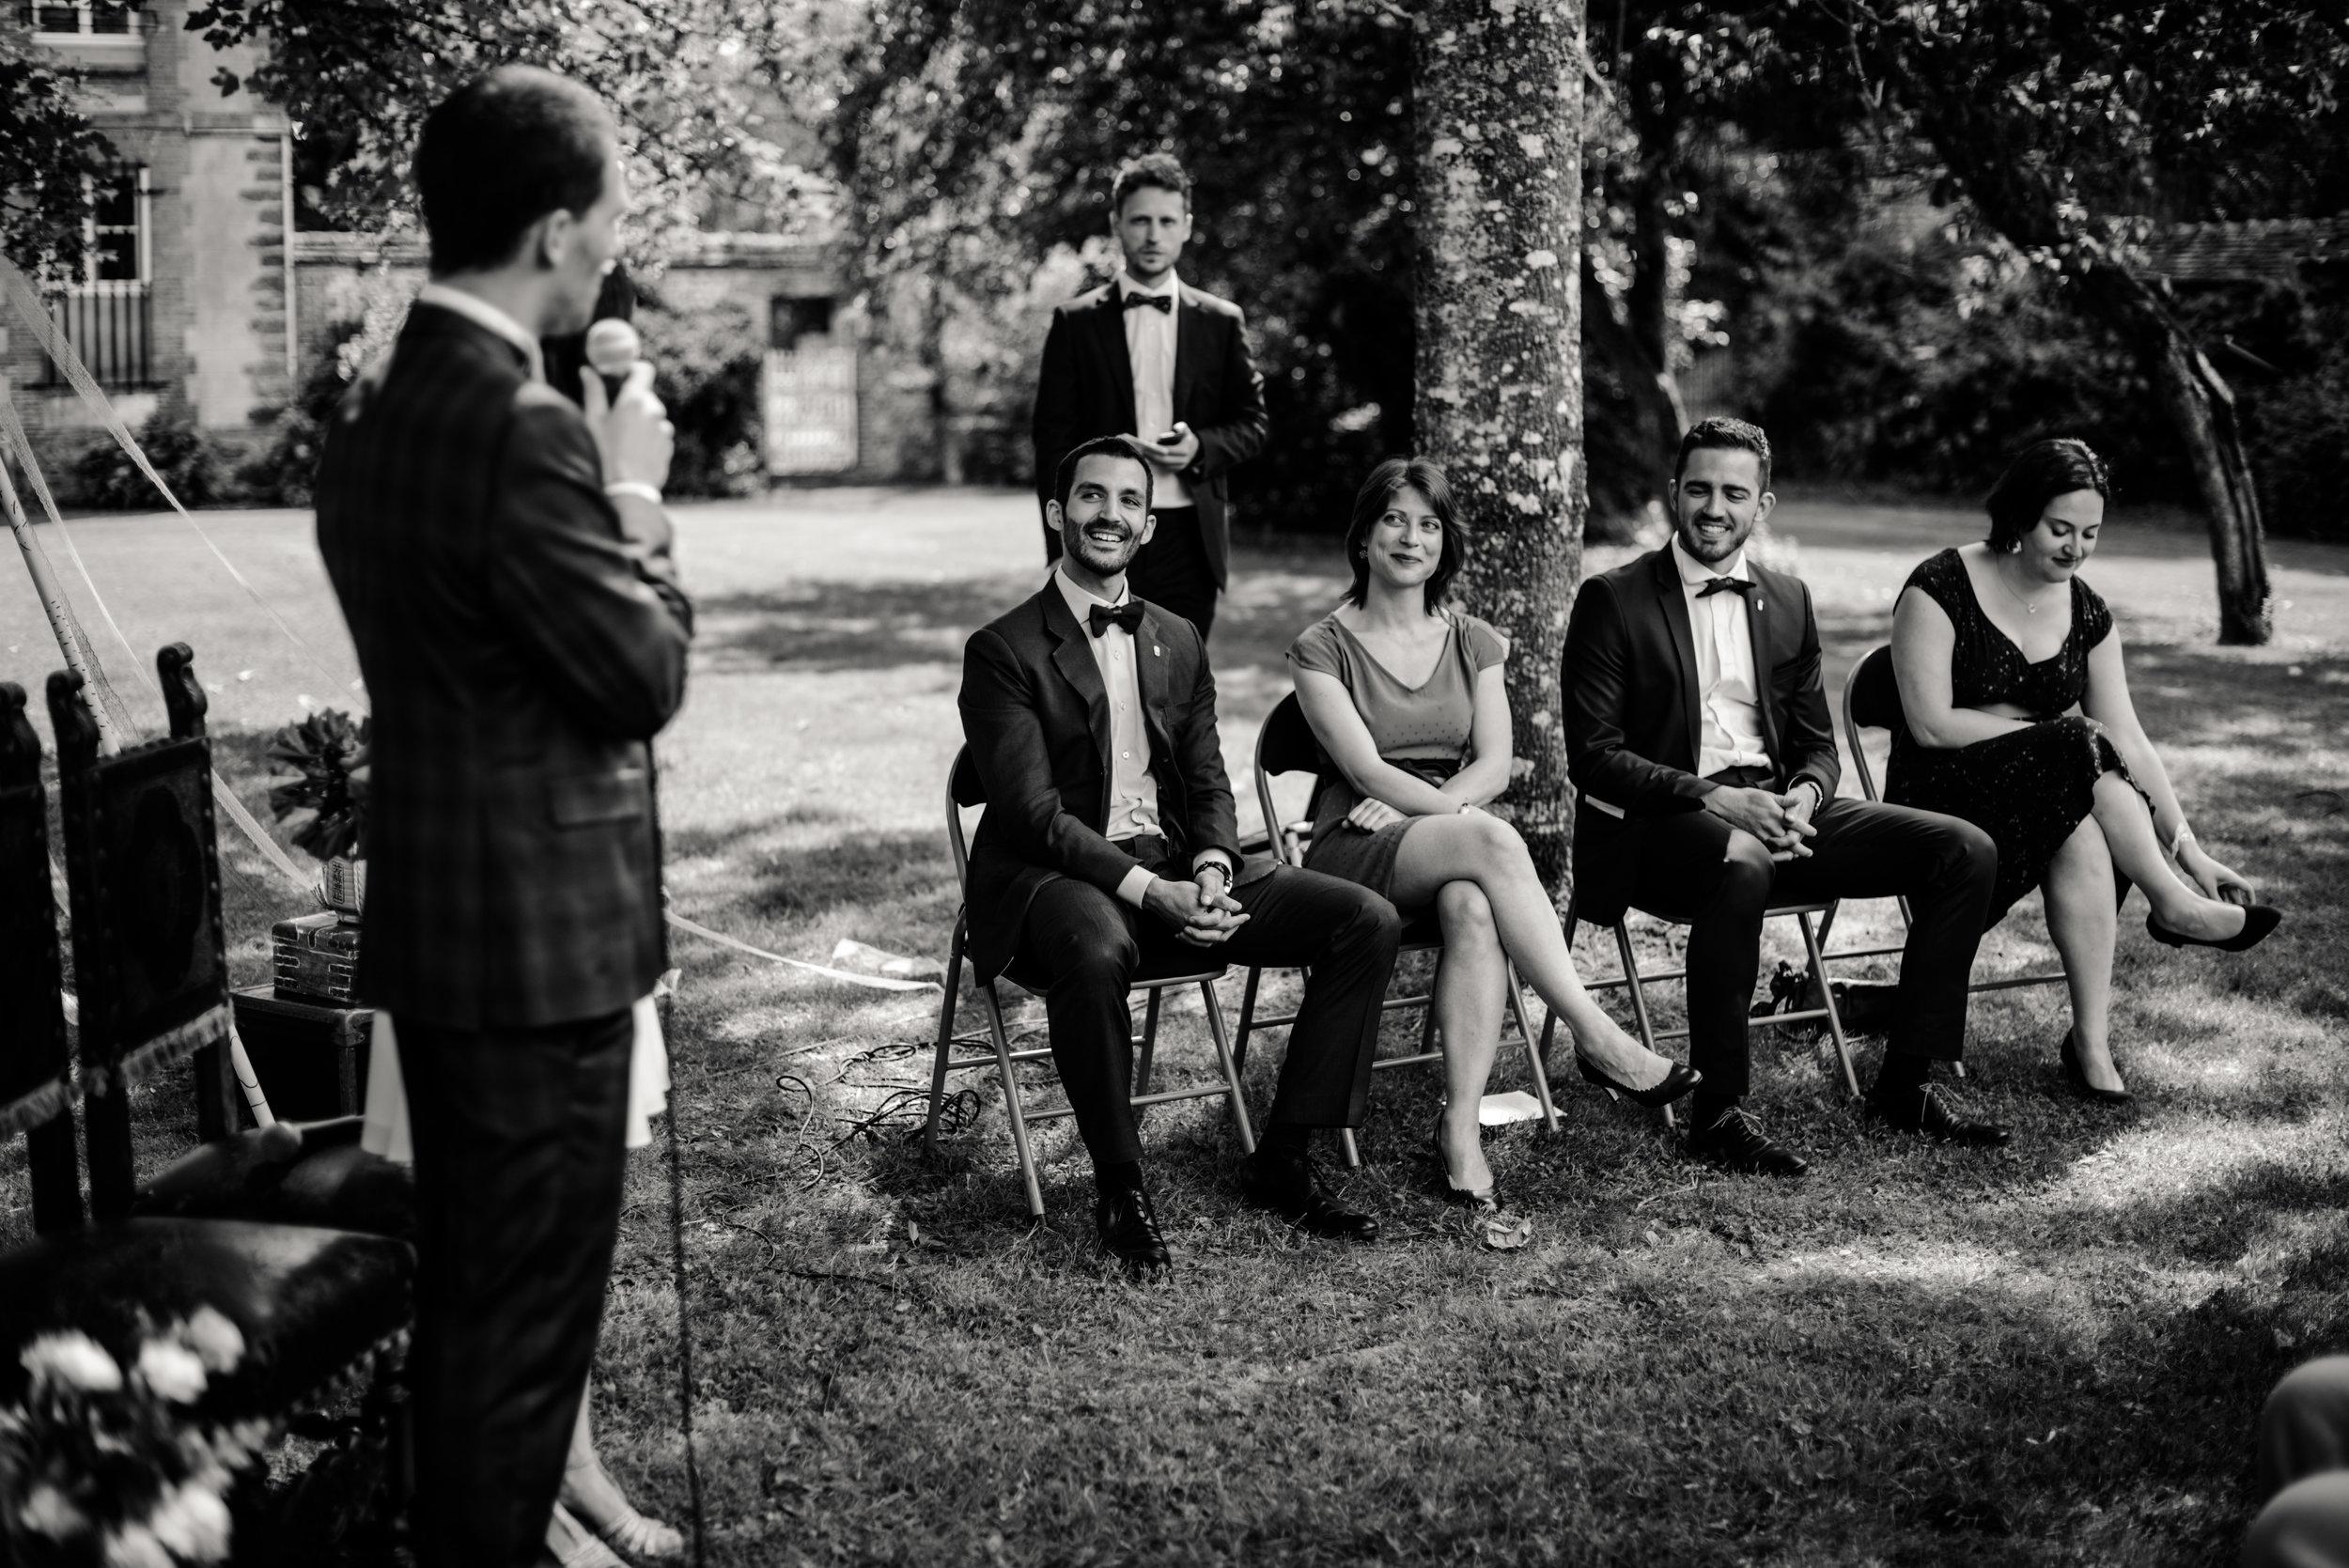 Léa-Fery-photographe-professionnel-lyon-rhone-alpes-portrait-creation-mariage-evenement-evenementiel-famille-5255.jpg